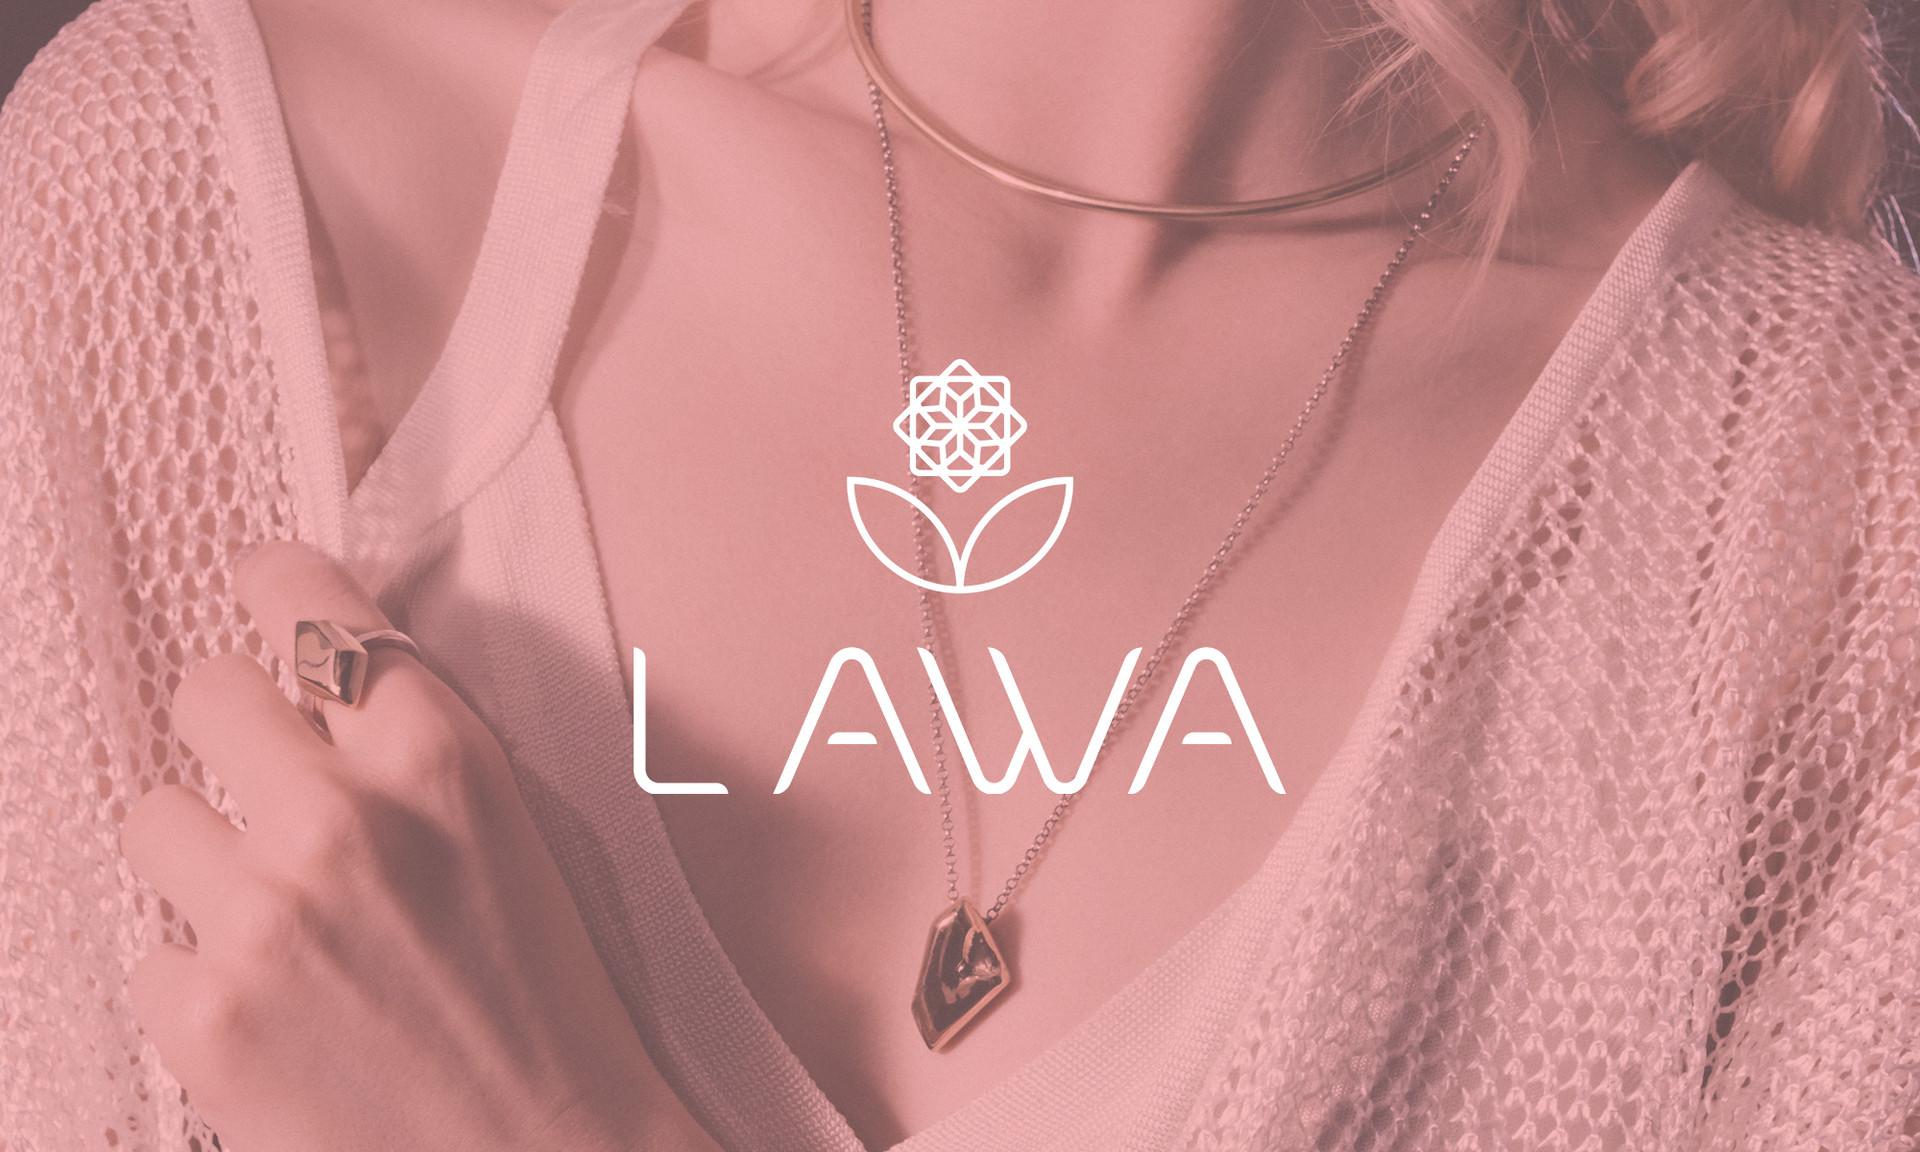 lawa-logo-2.jpg